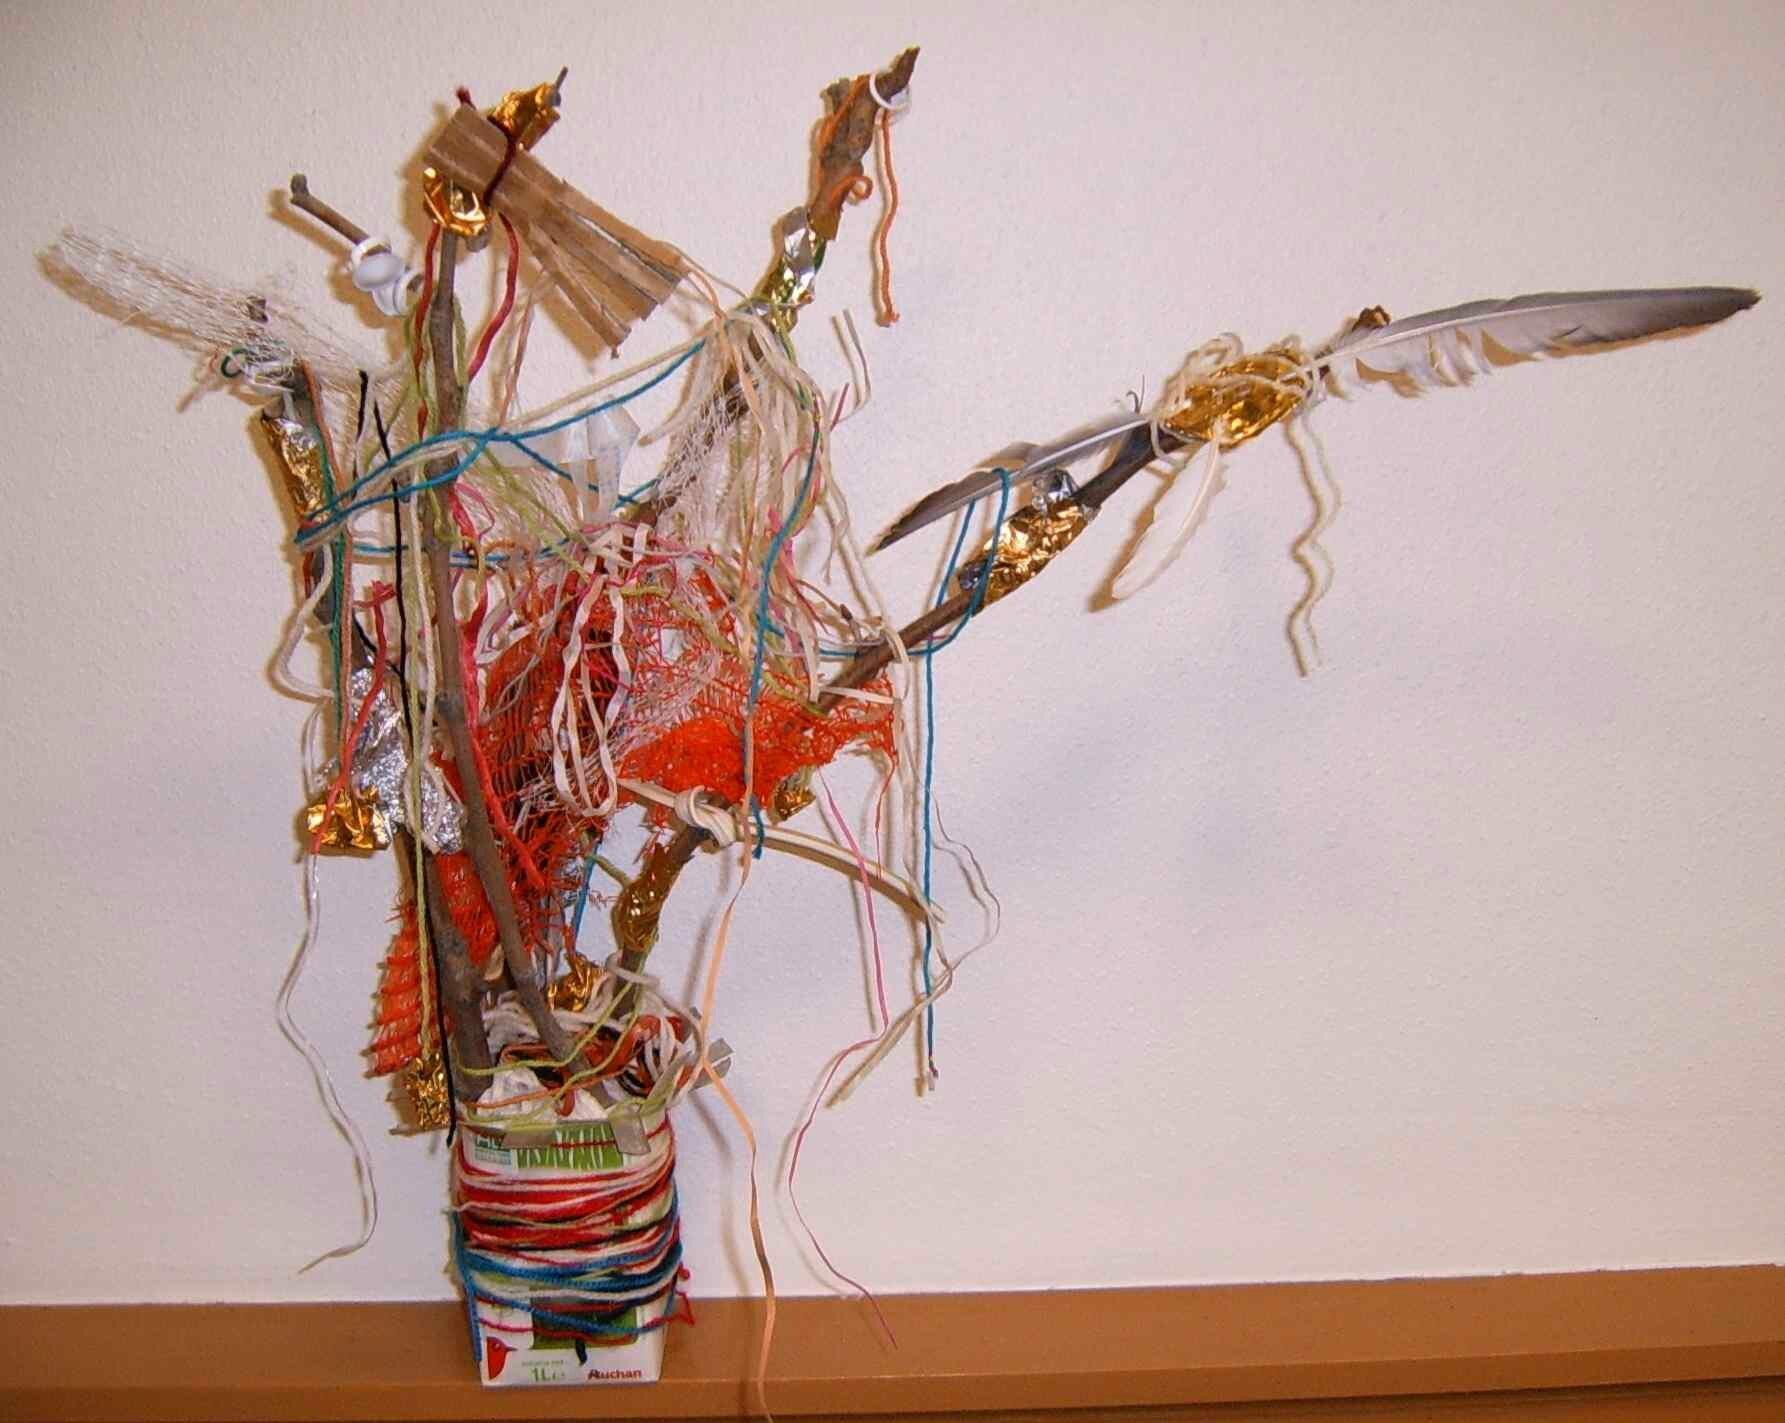 L'arbre de Théo - Bricolage Création récupération bois branches d'arbre petits déchets et pot brique alimentaire - Salon du Bio Saint-Victoret 2013 - Animation écologie éco-citoyenneté jeunesse